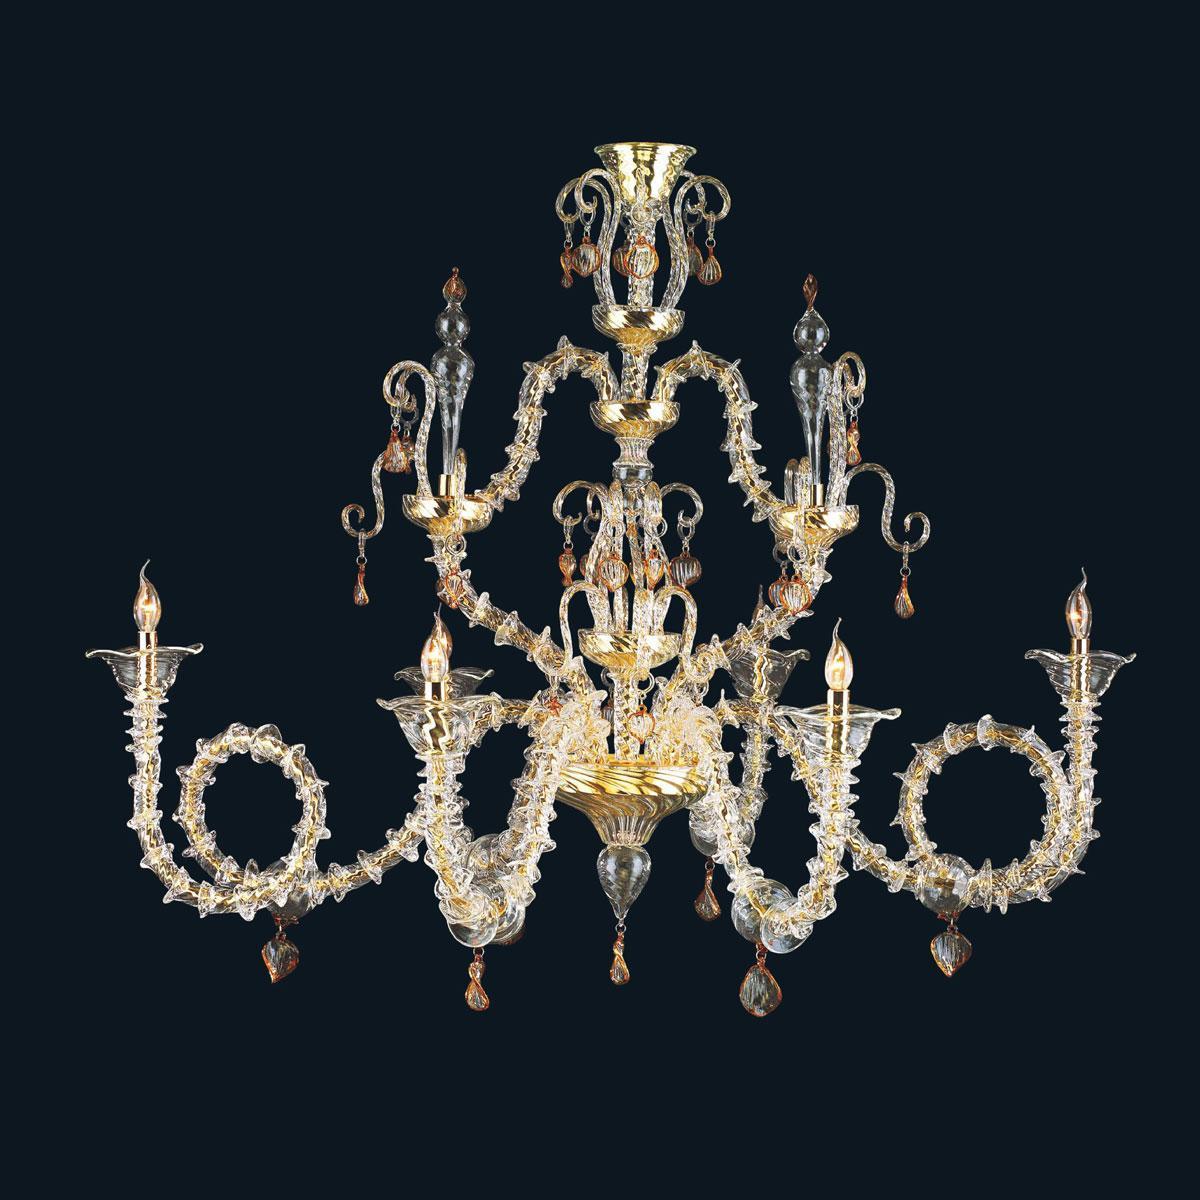 """""""Malachy"""" lampara de araña de Murano - 6 luces - transparente y ámbar"""